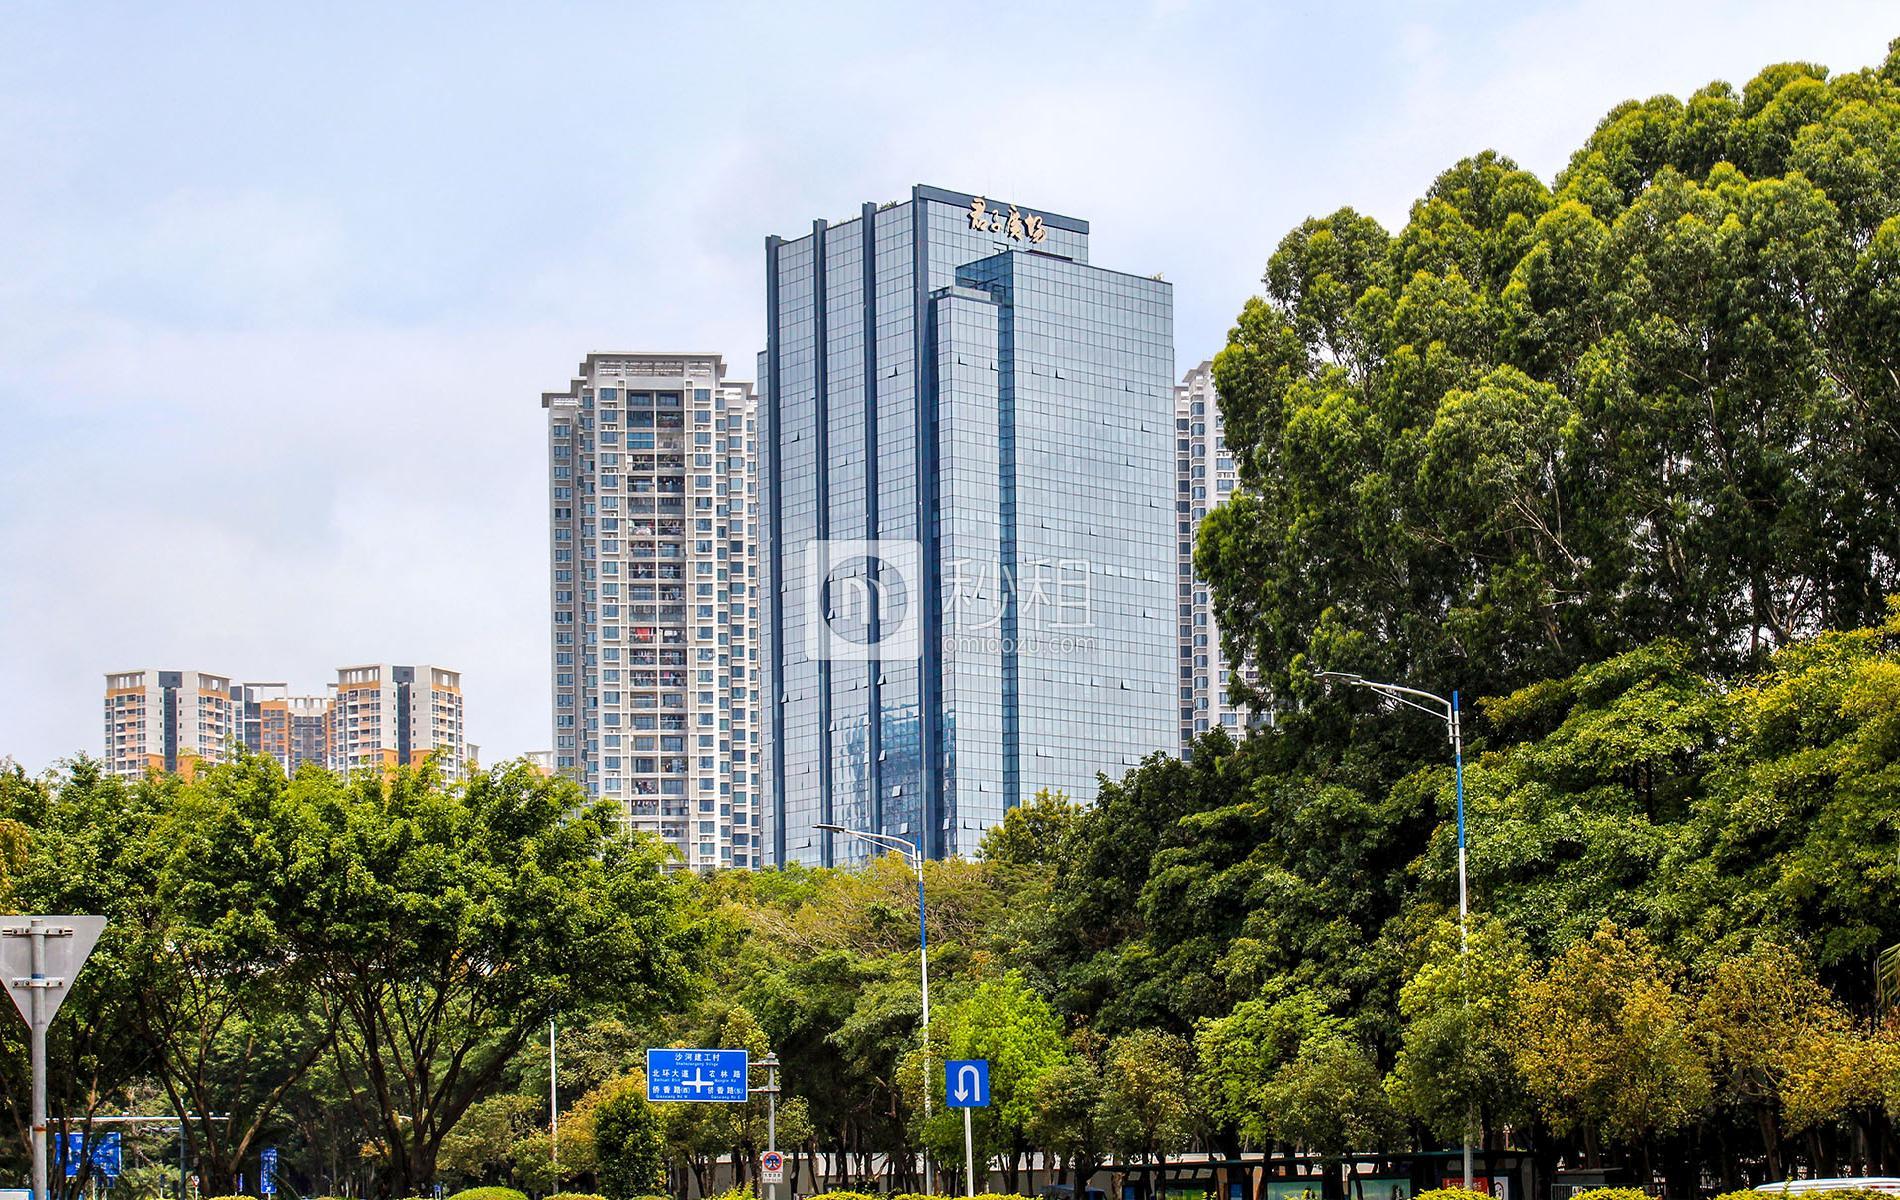 君子广场写字楼出租/招租/租赁,君子广场办公室出租/招租/租赁